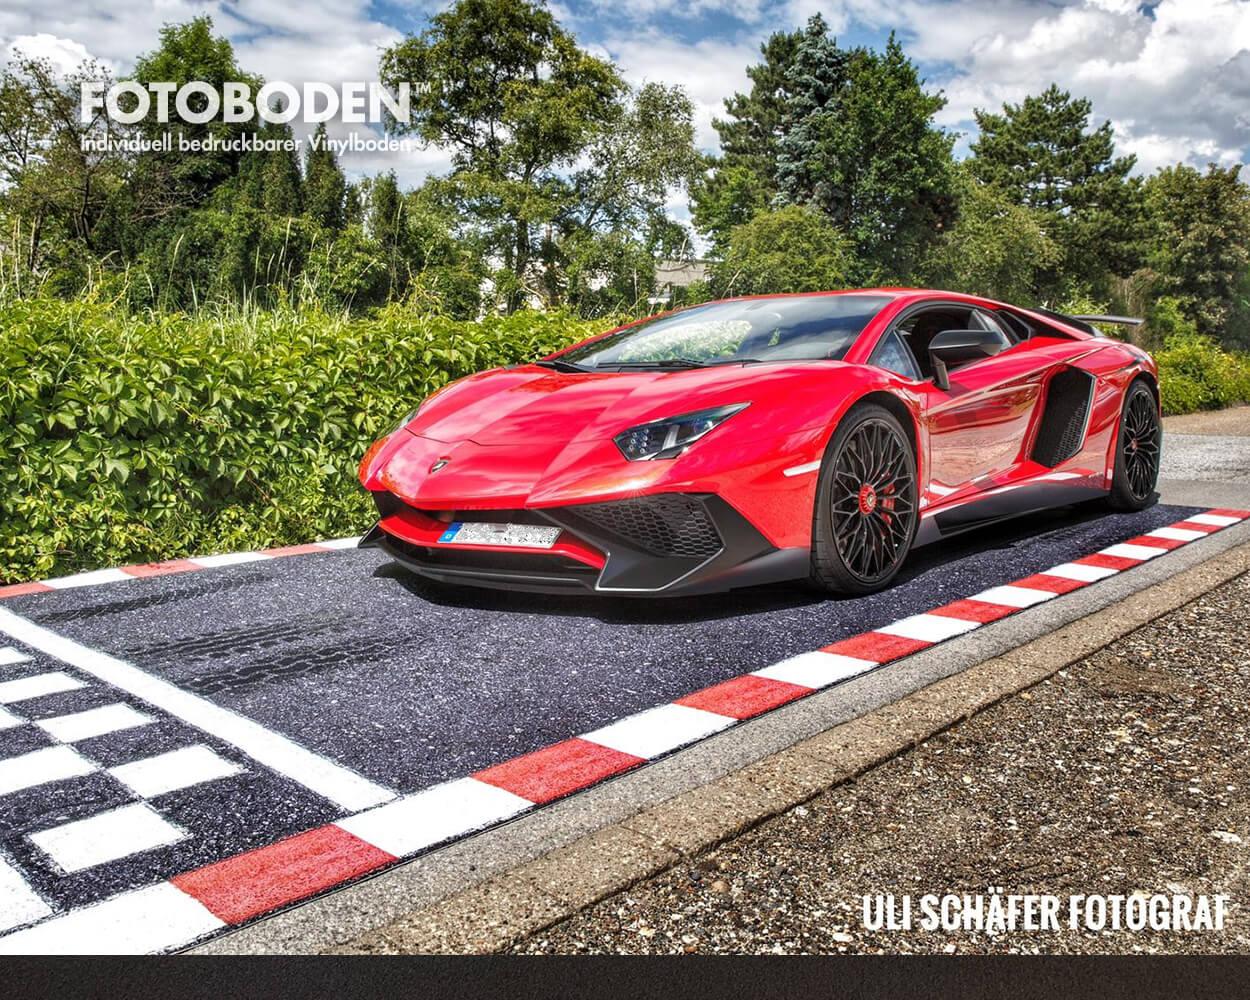 Sportwagen präsentation Rennstrecke